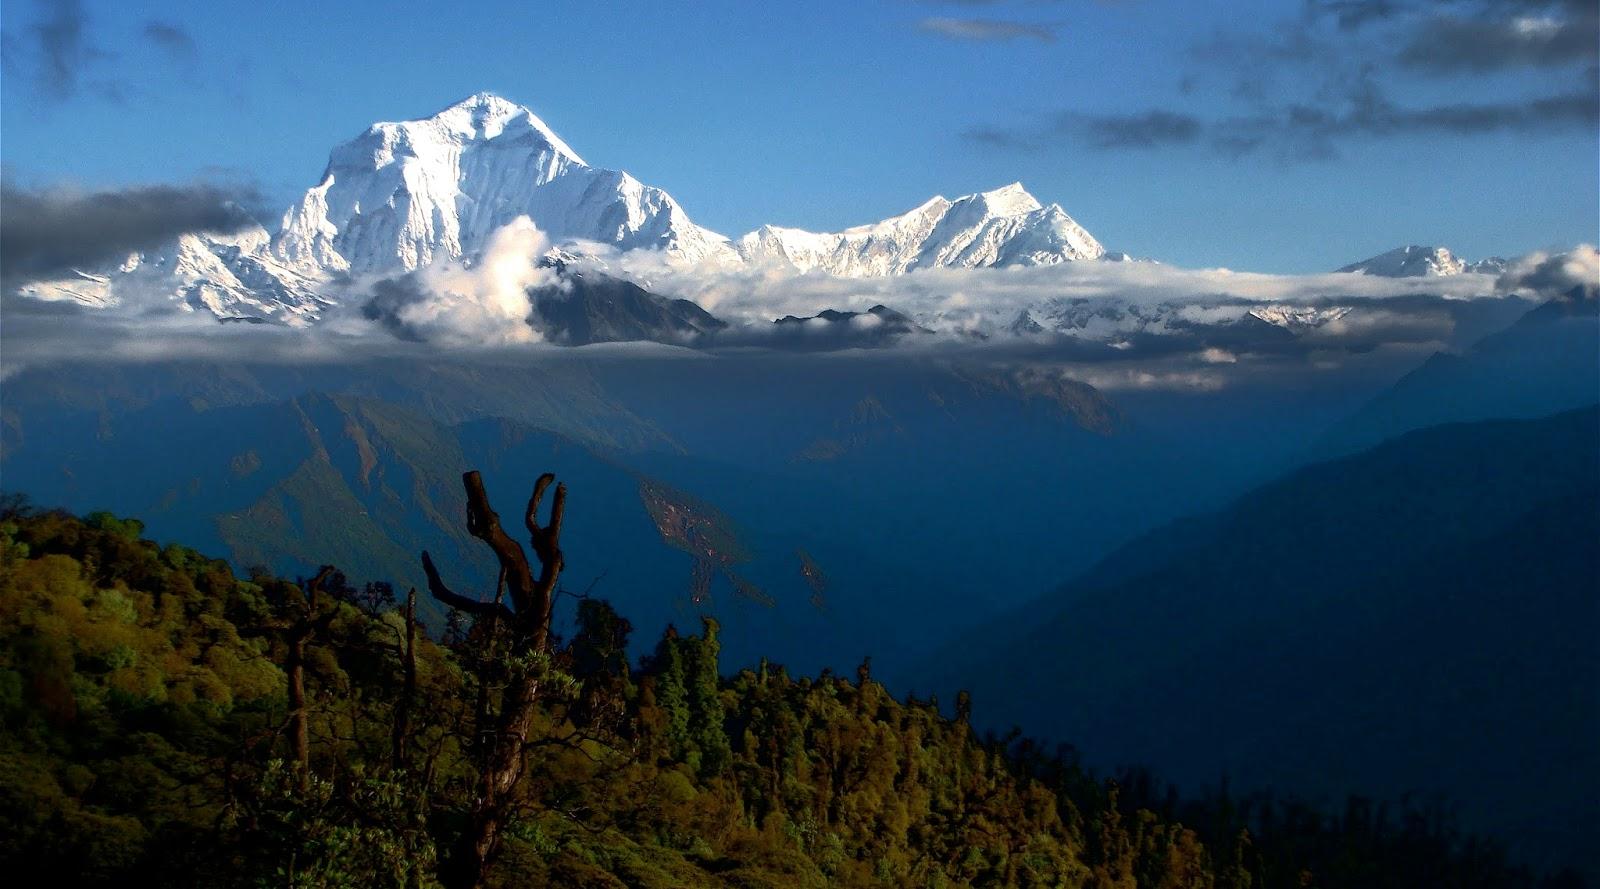 uncak Gunung Dhaulagiri - 8,167 m (Nepal) pegunungan tertinggi di dunia terdapat di pegunungan tertinggi di dunia terdapat di negara pegunungan tertinggi di dunia yang terdapat di asia adalah